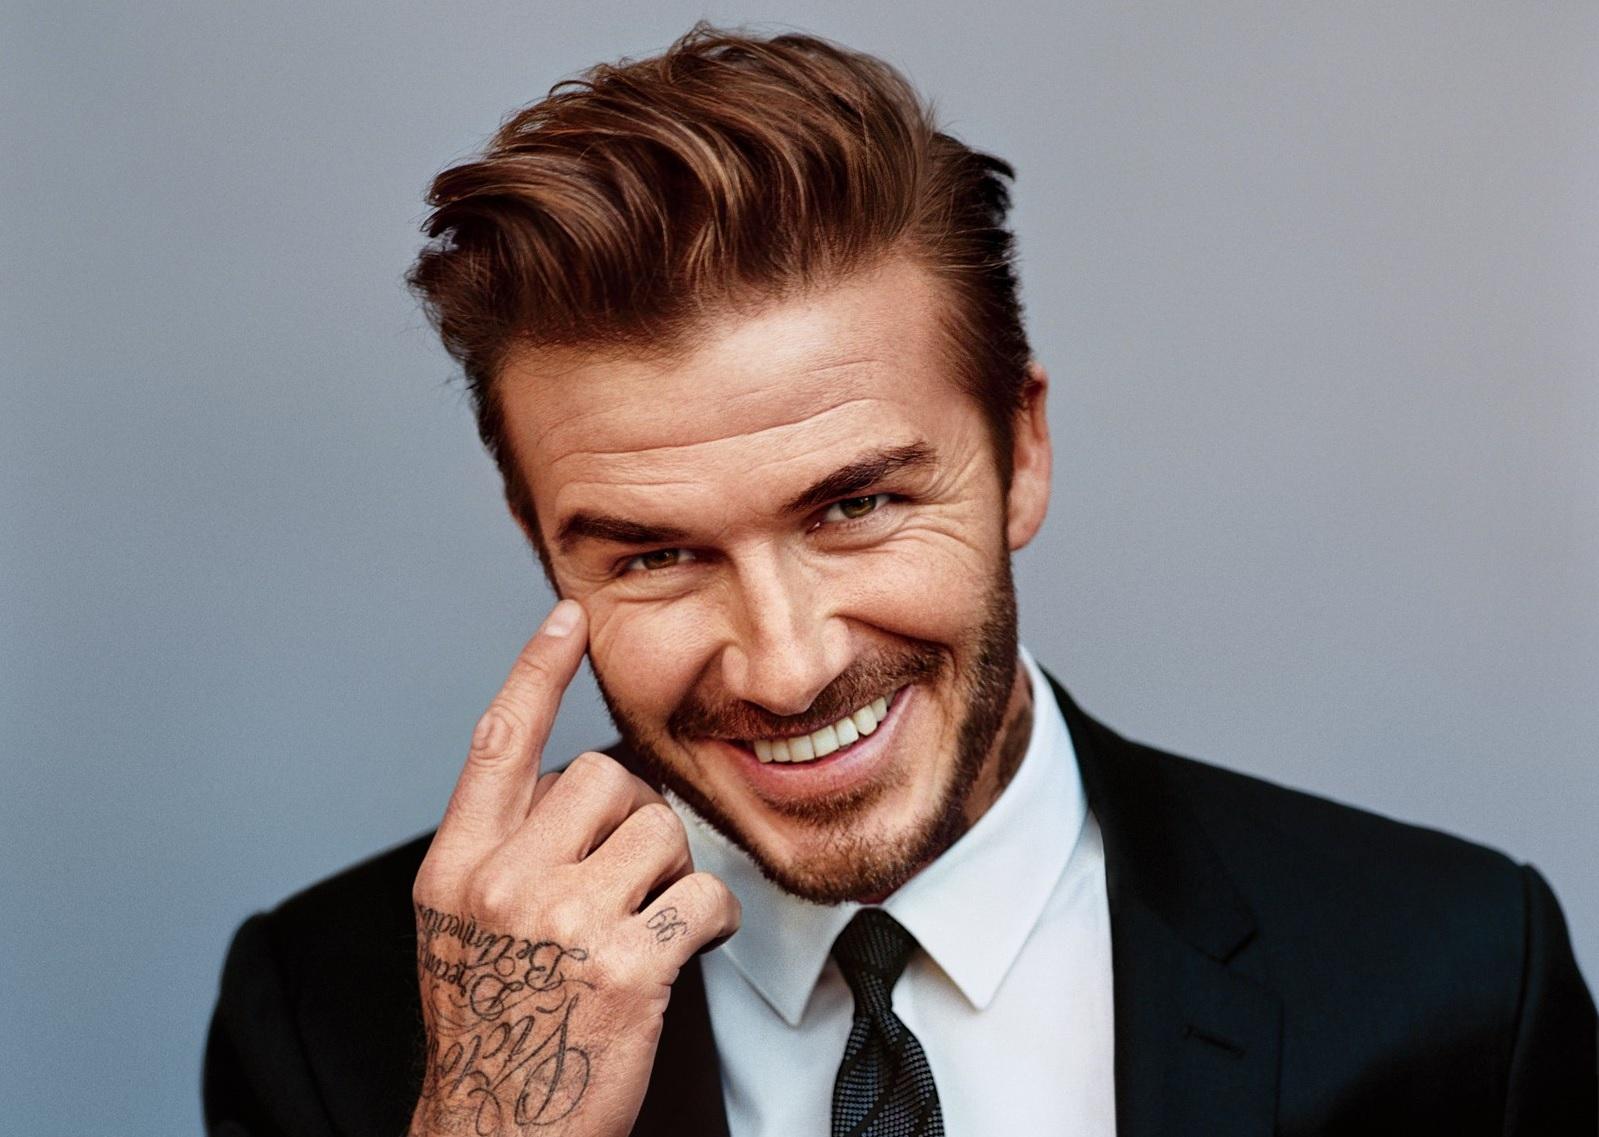 David Beckham ontwikkelt verzorgingsproducten voor mannen